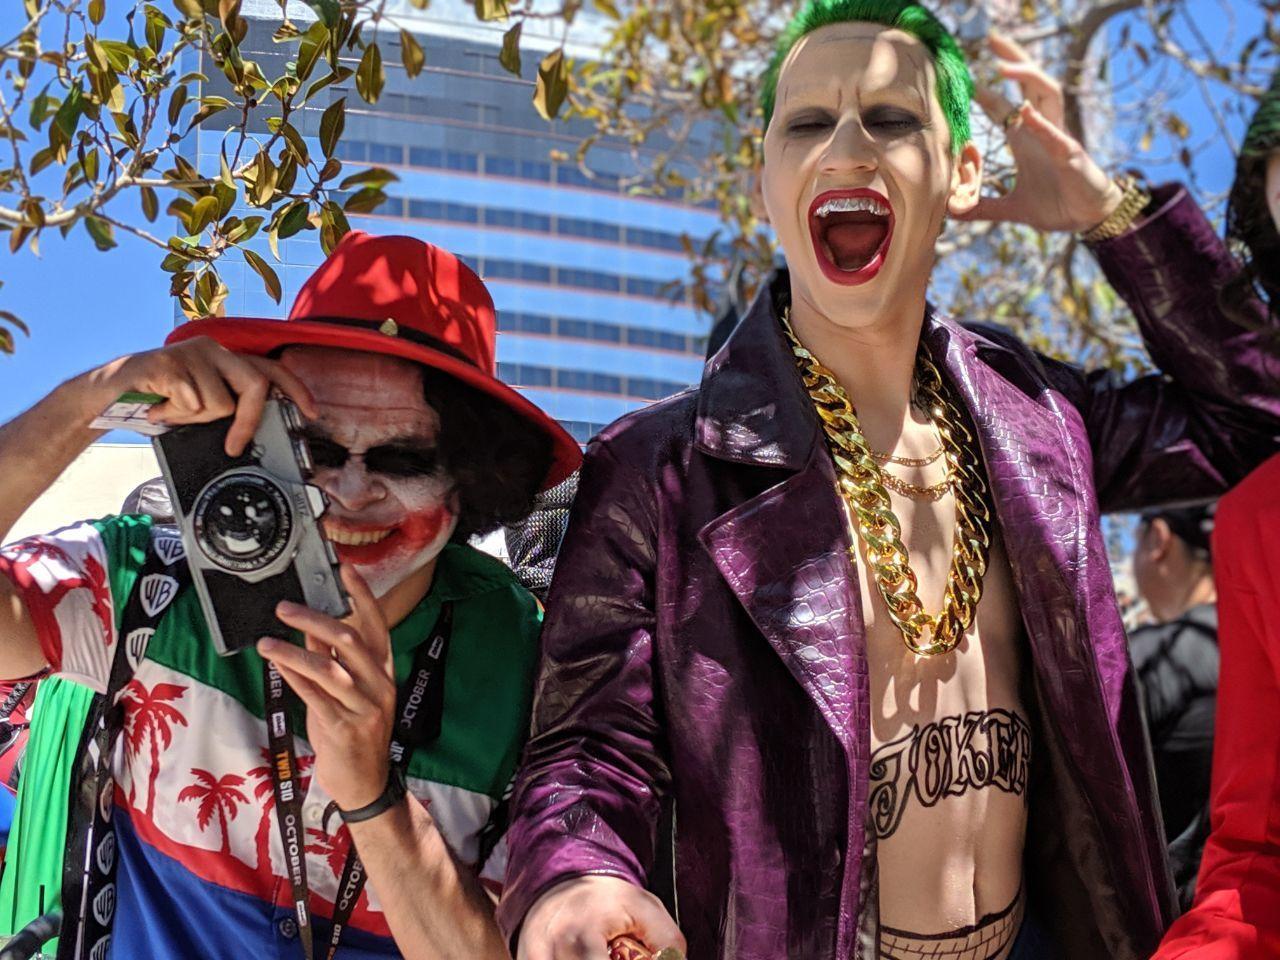 Killing Joke & Suicide Squad Joker